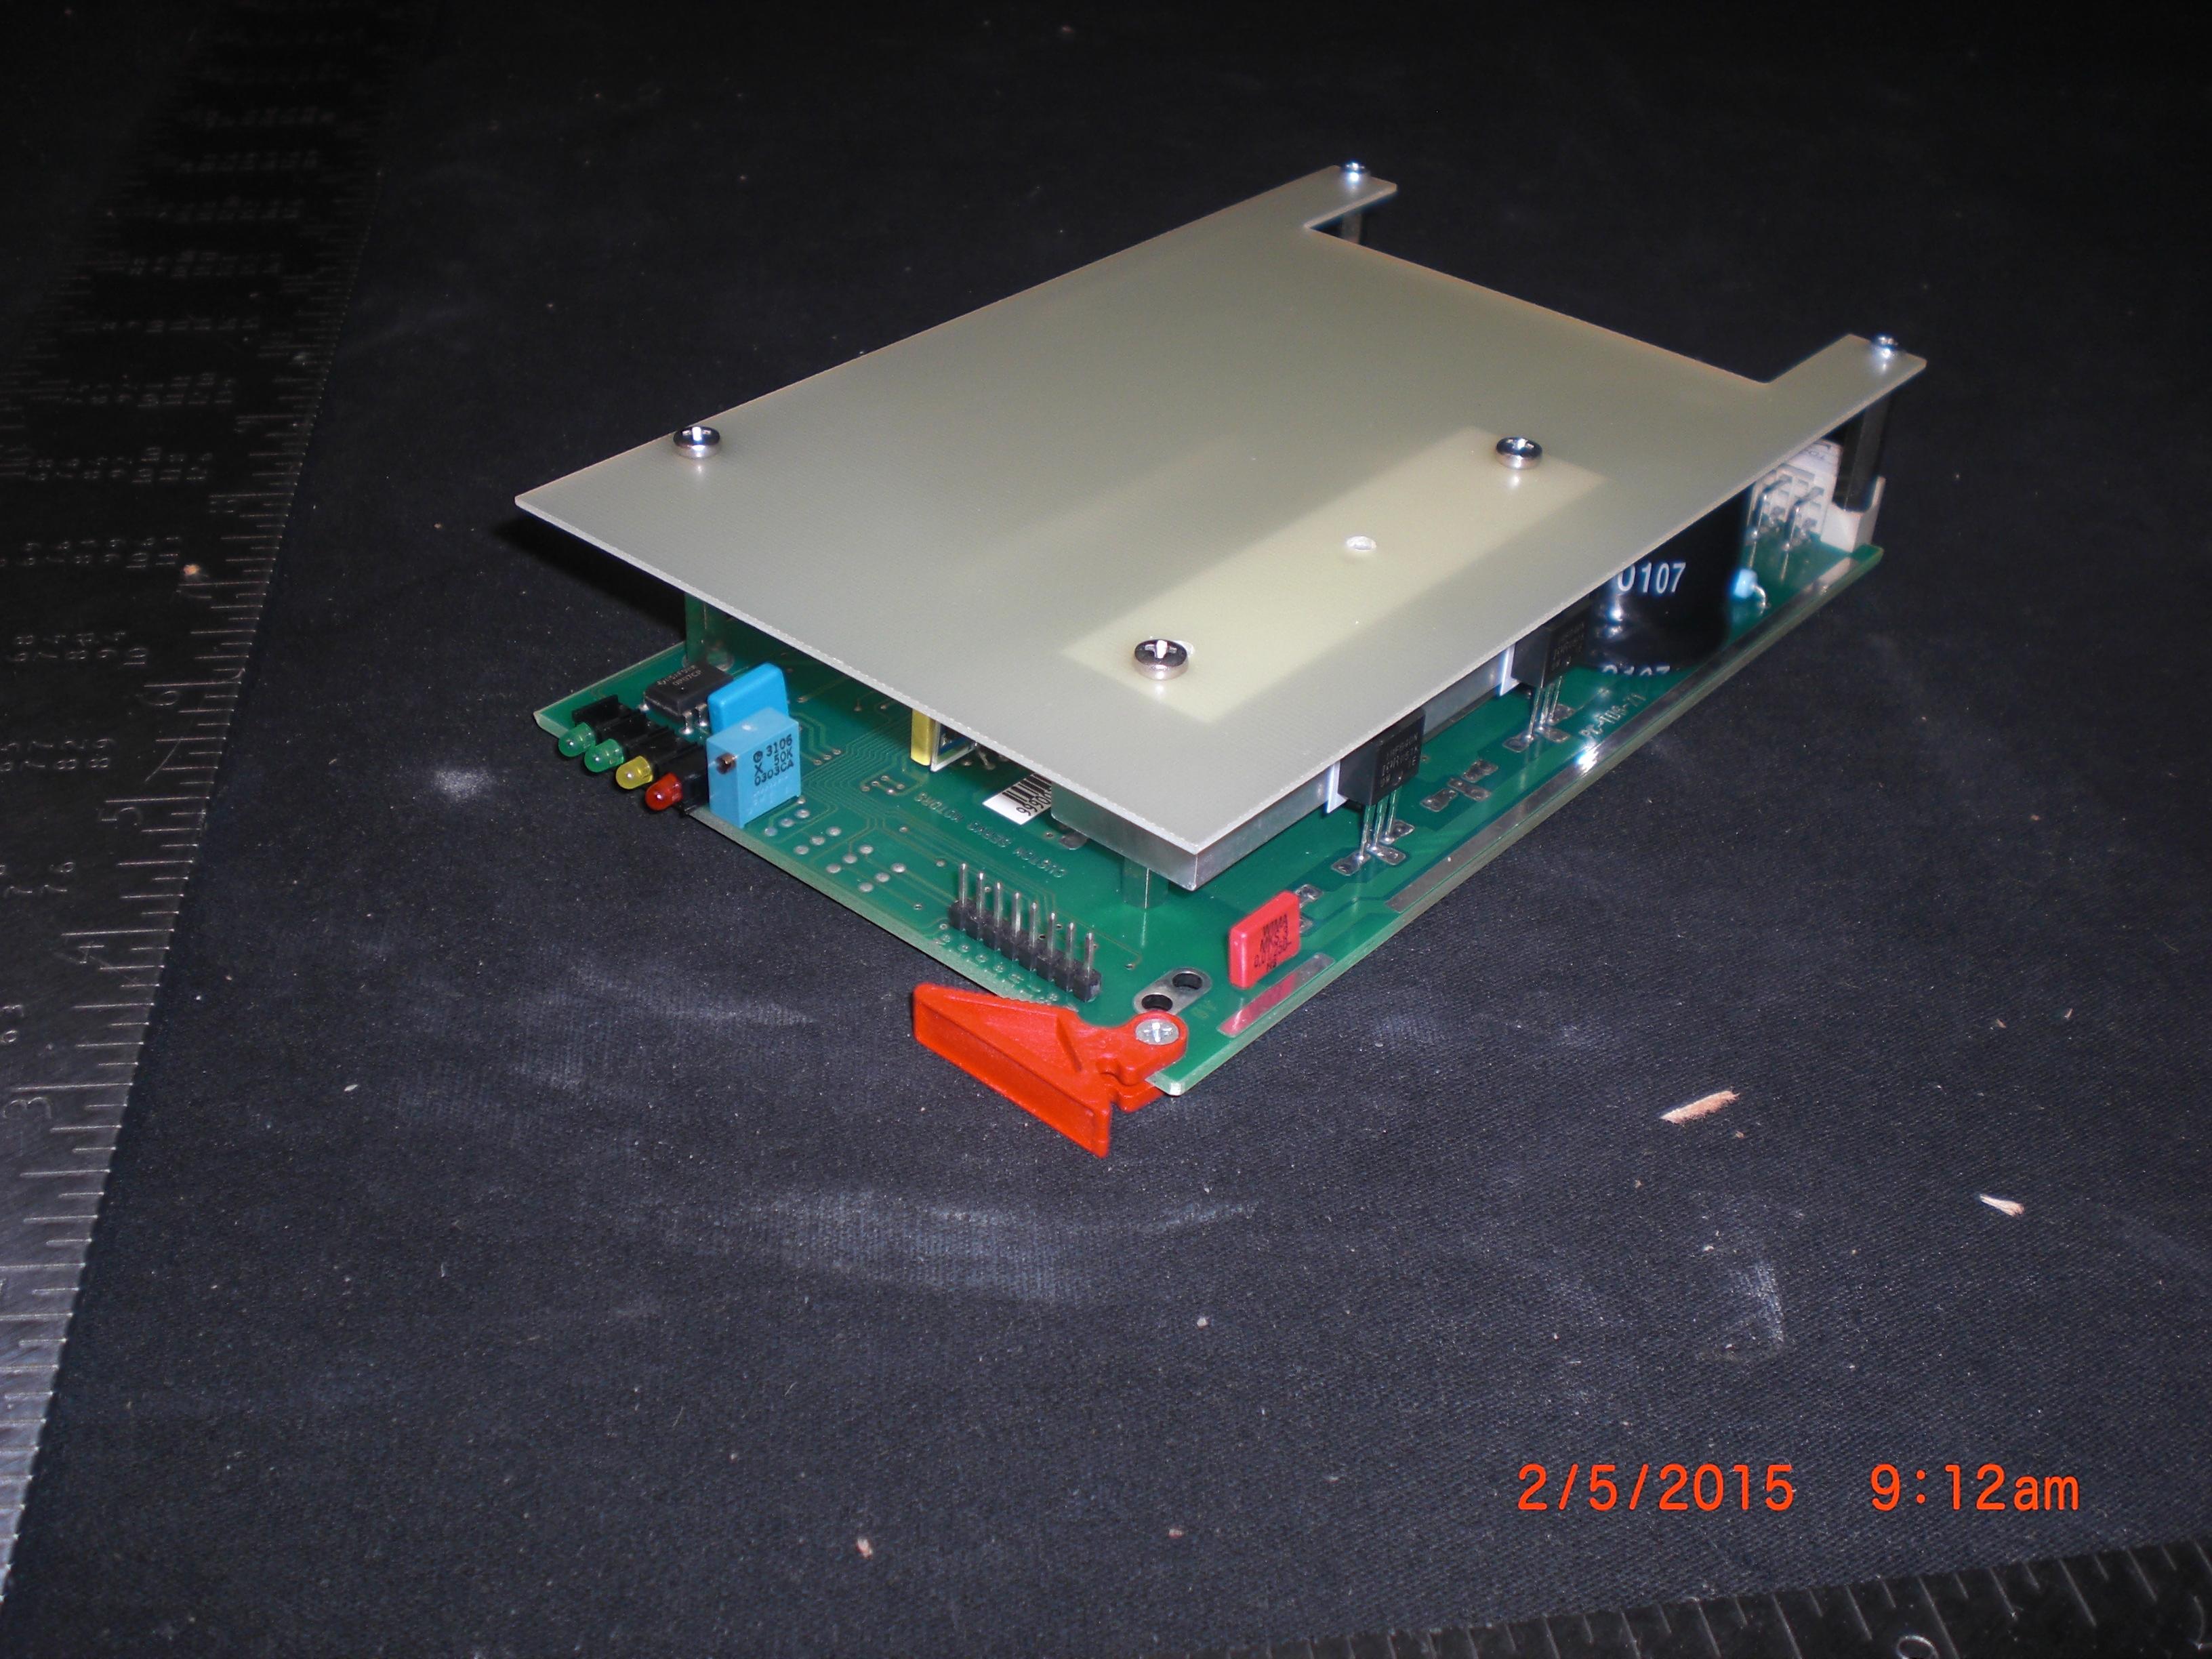 Amplifier SIEMENS PC-TDS-Z1 SMT SERVO AMPLIFIER PC-BOARD 120V 3-6A